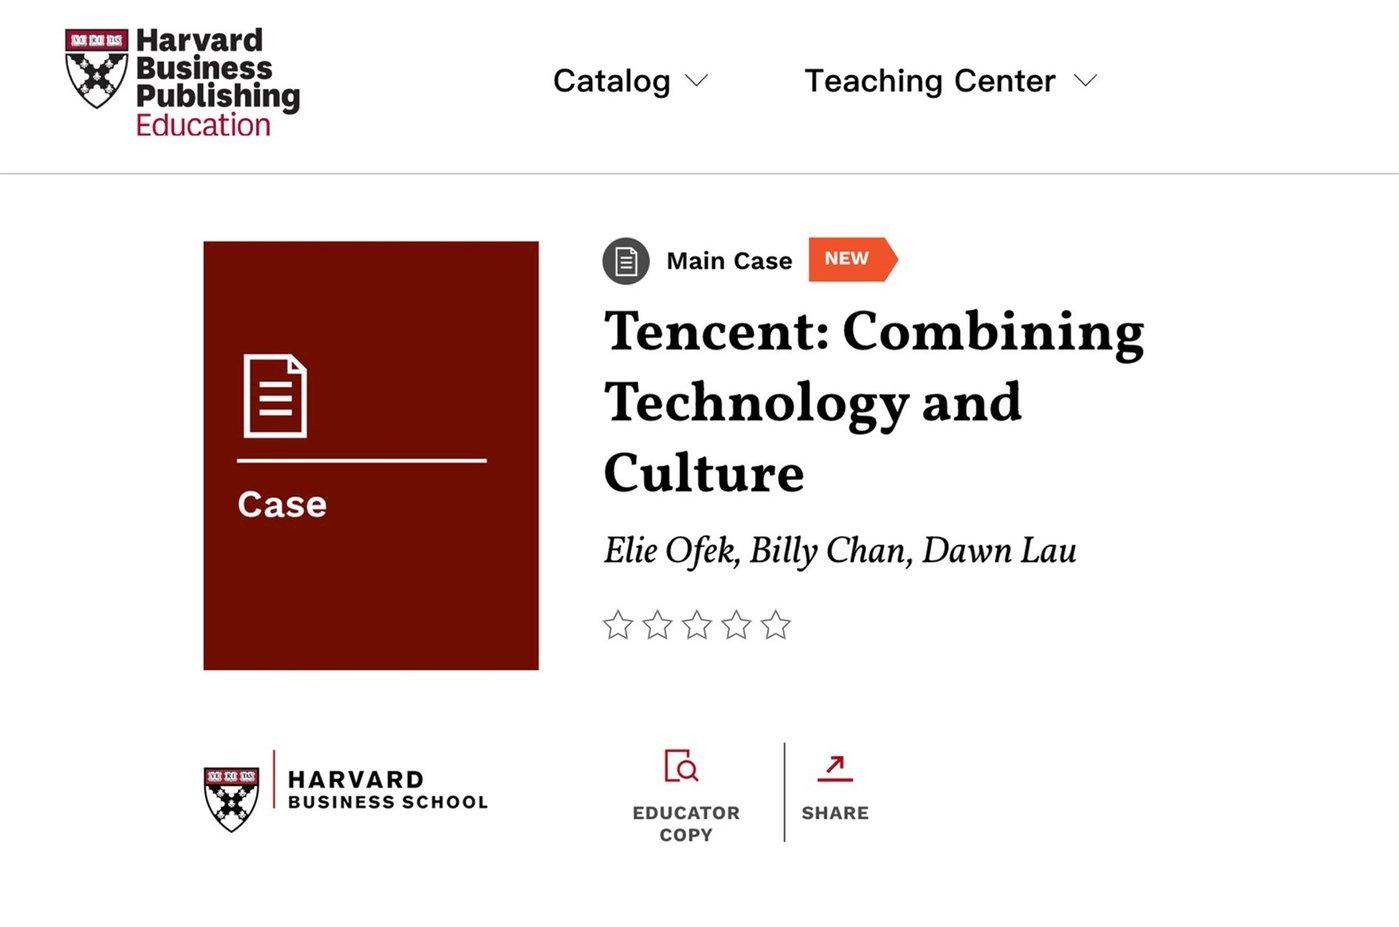 哈佛商学院《腾讯:科技与文化的融合》商业案例